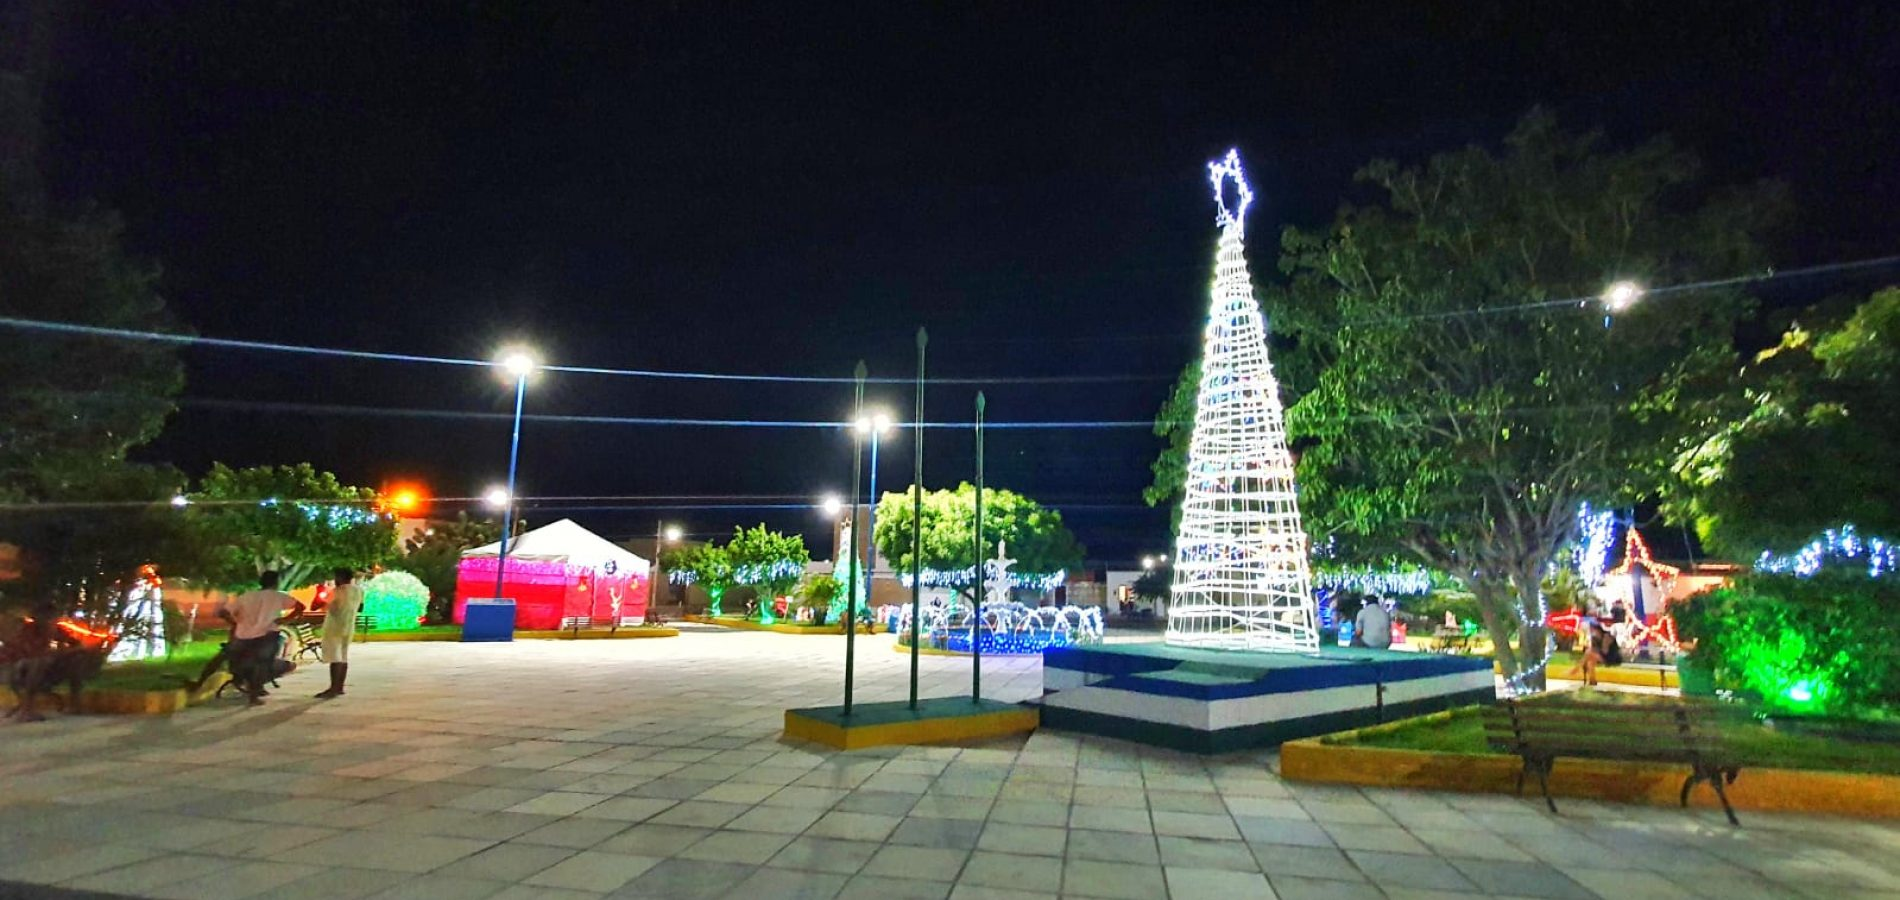 Decreto proíbe festas de final de ano em Belém do Piauí